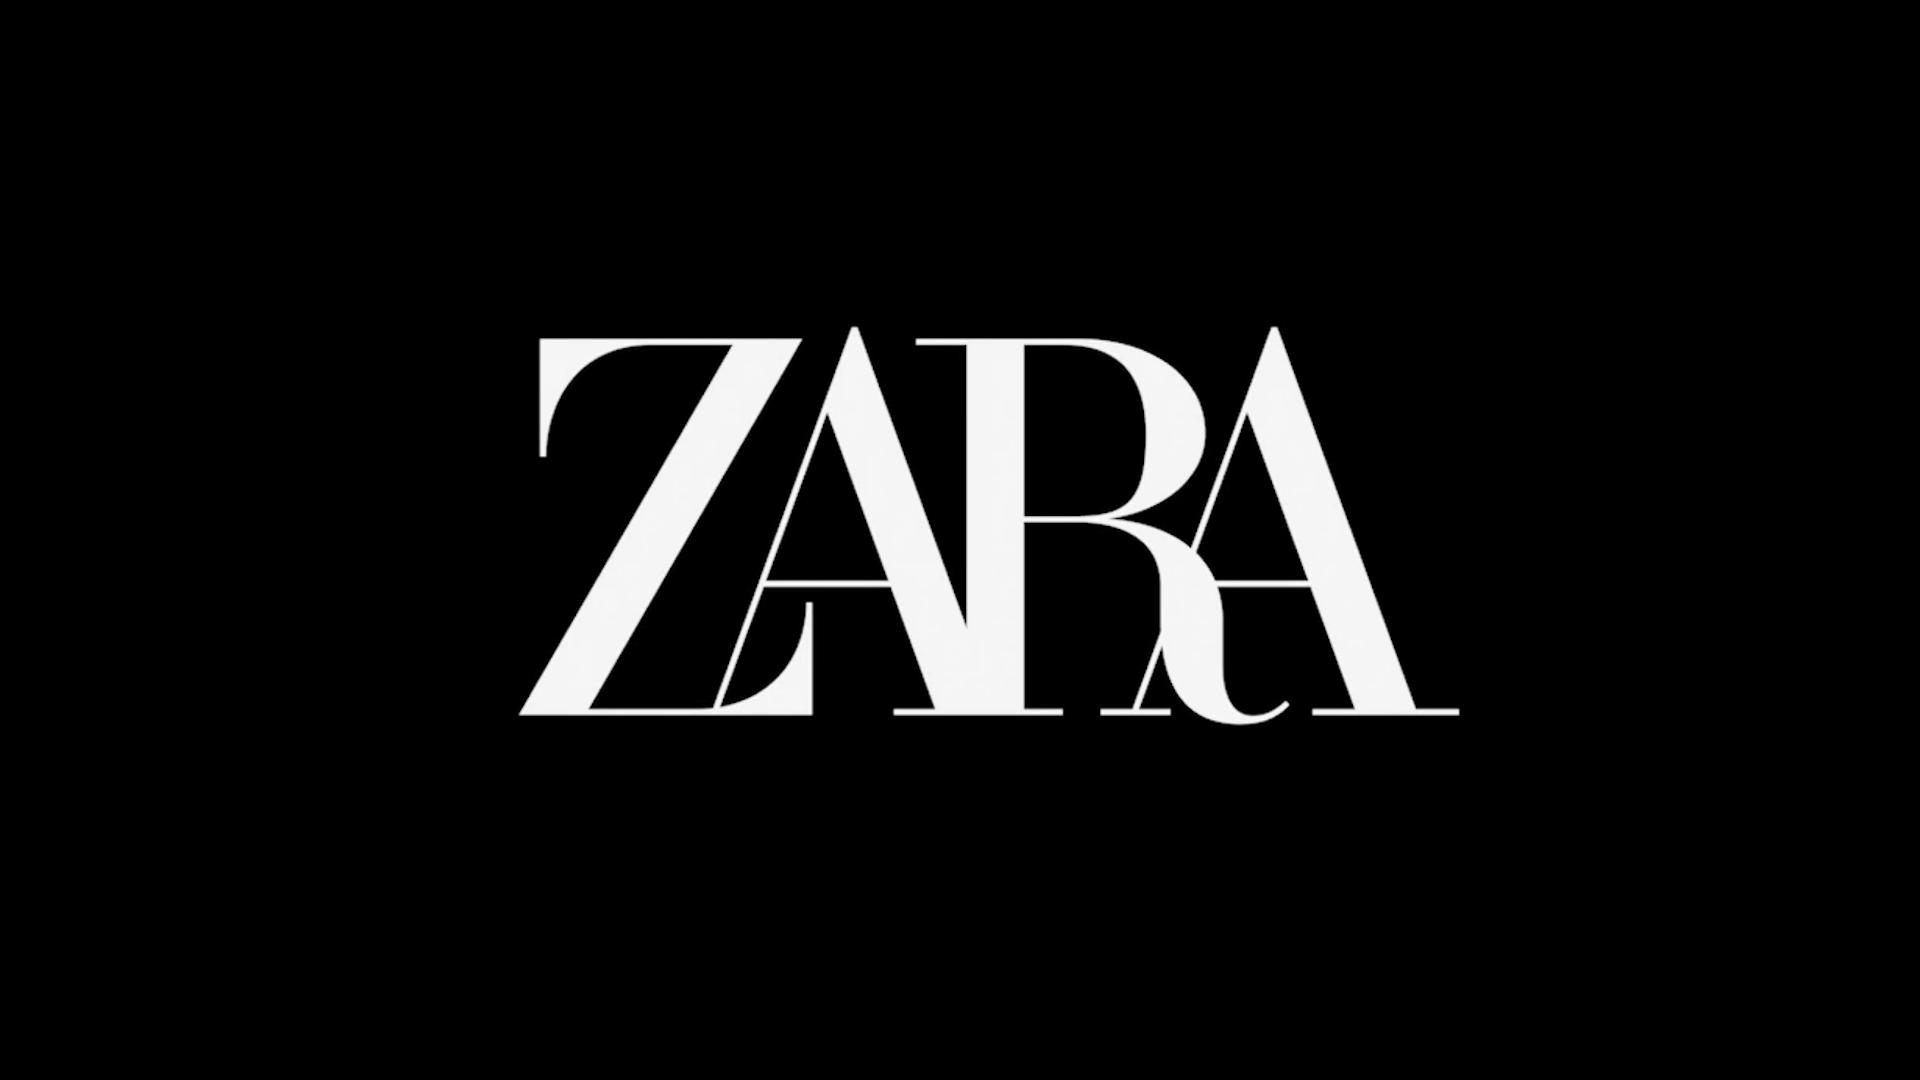 Zara, una de las tiendas más famosas del mundo, cambió su logotipo